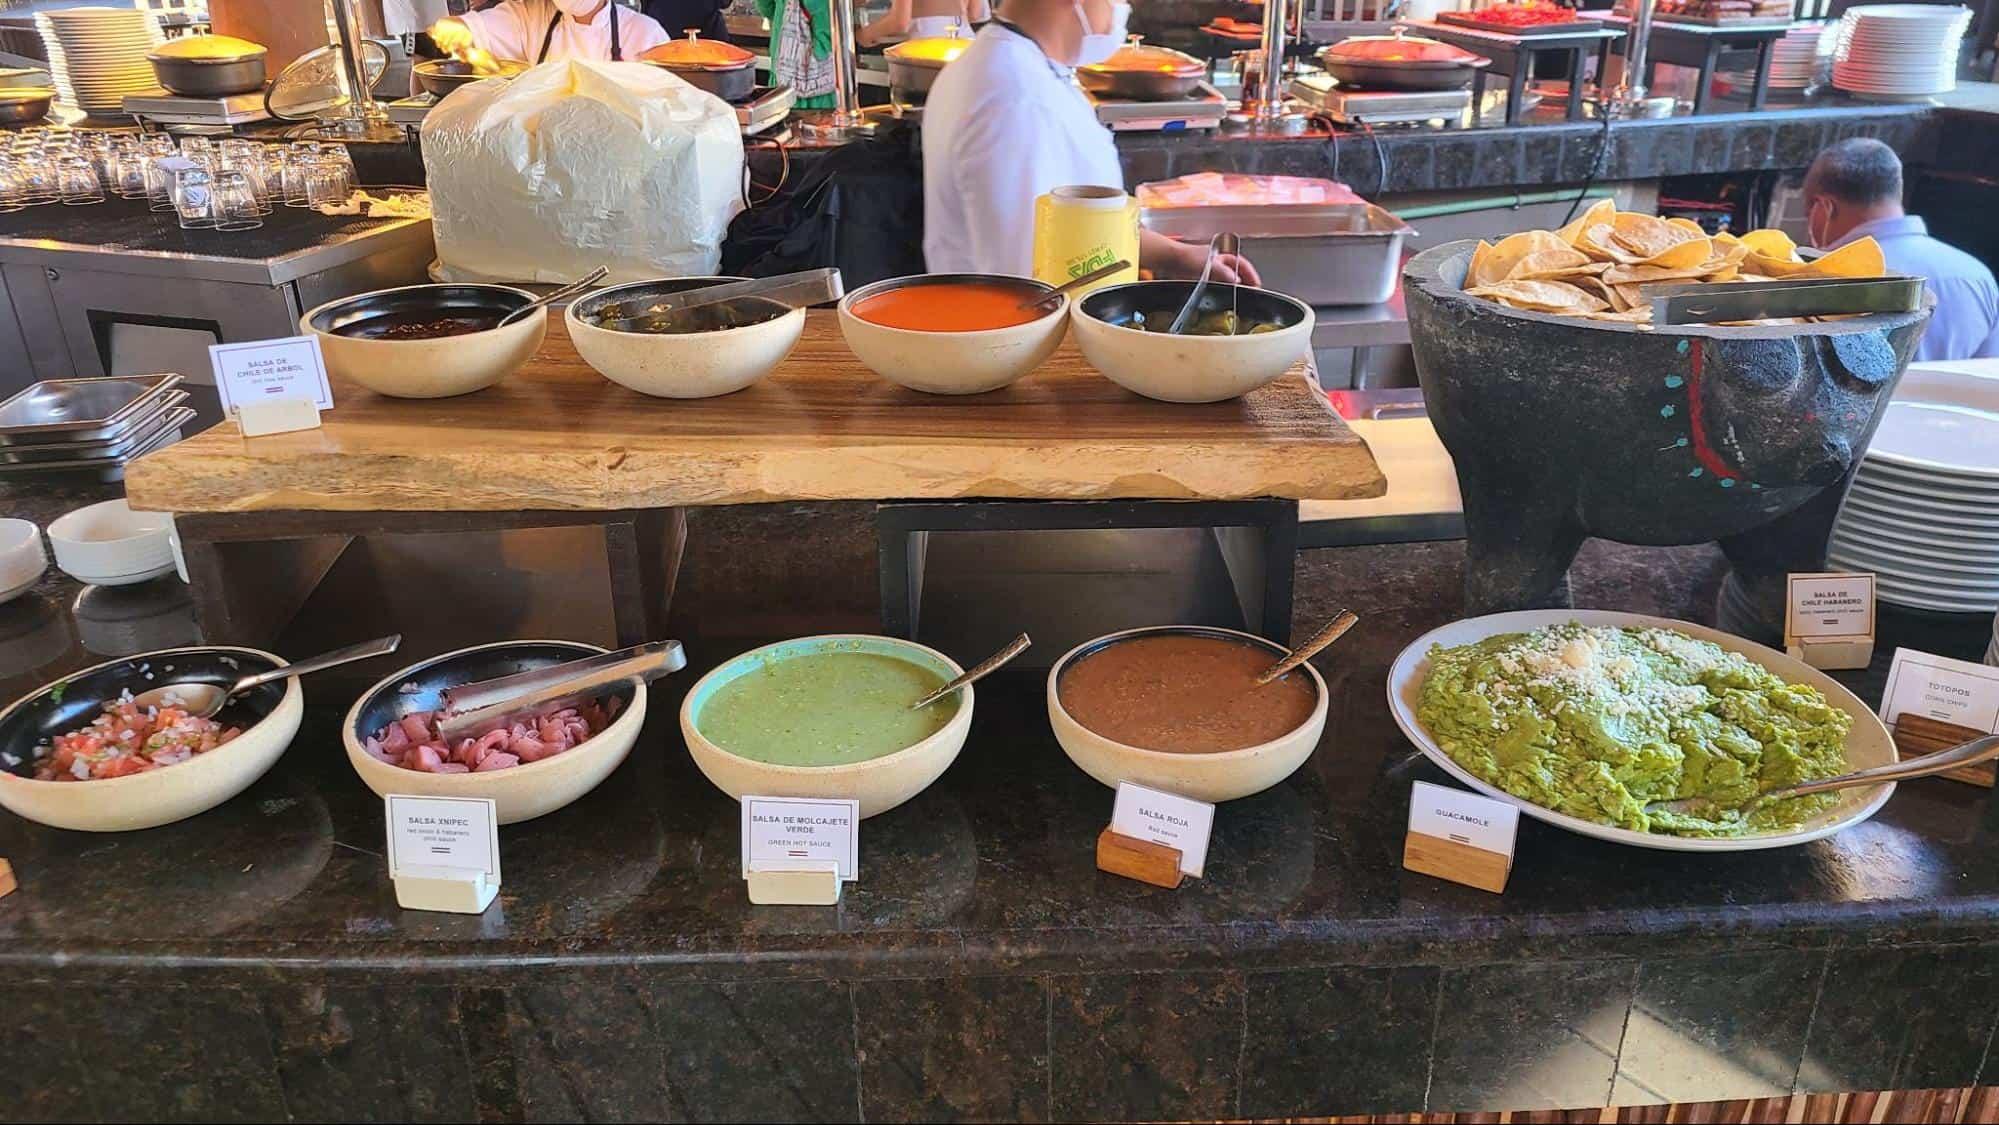 yogurt and freshly made guacamole